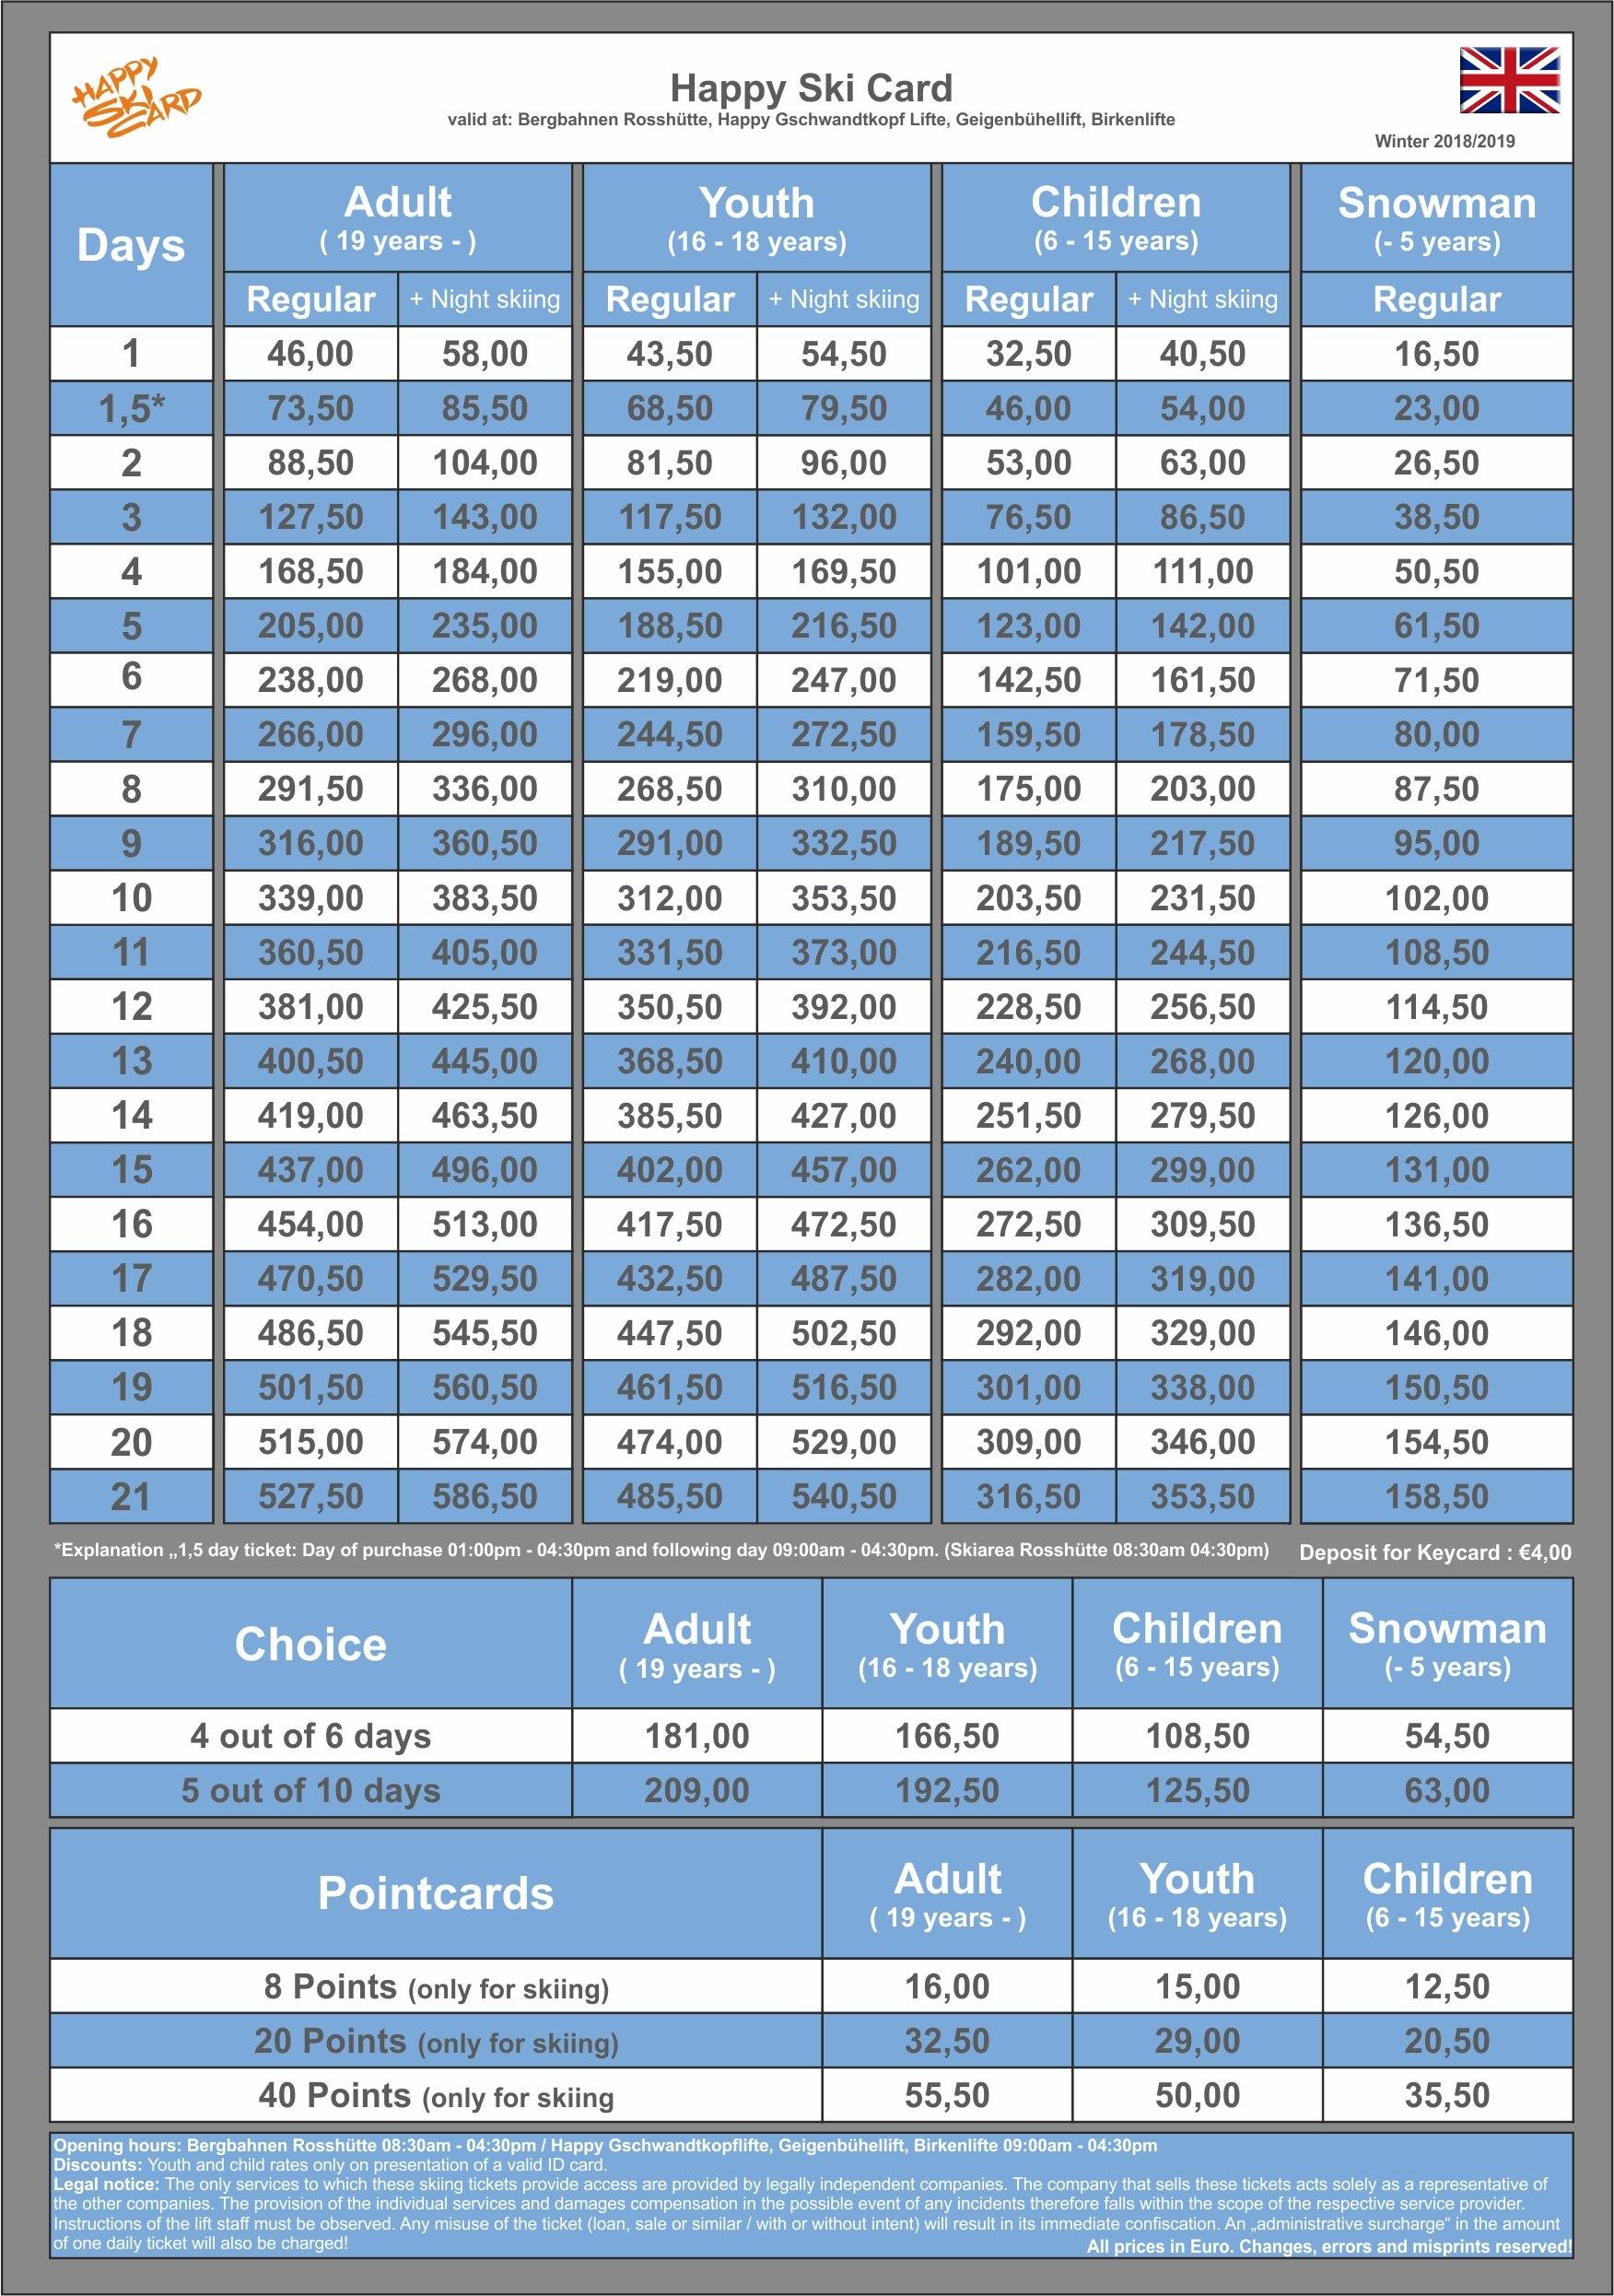 Цены на ски-пасс в Зеефельде